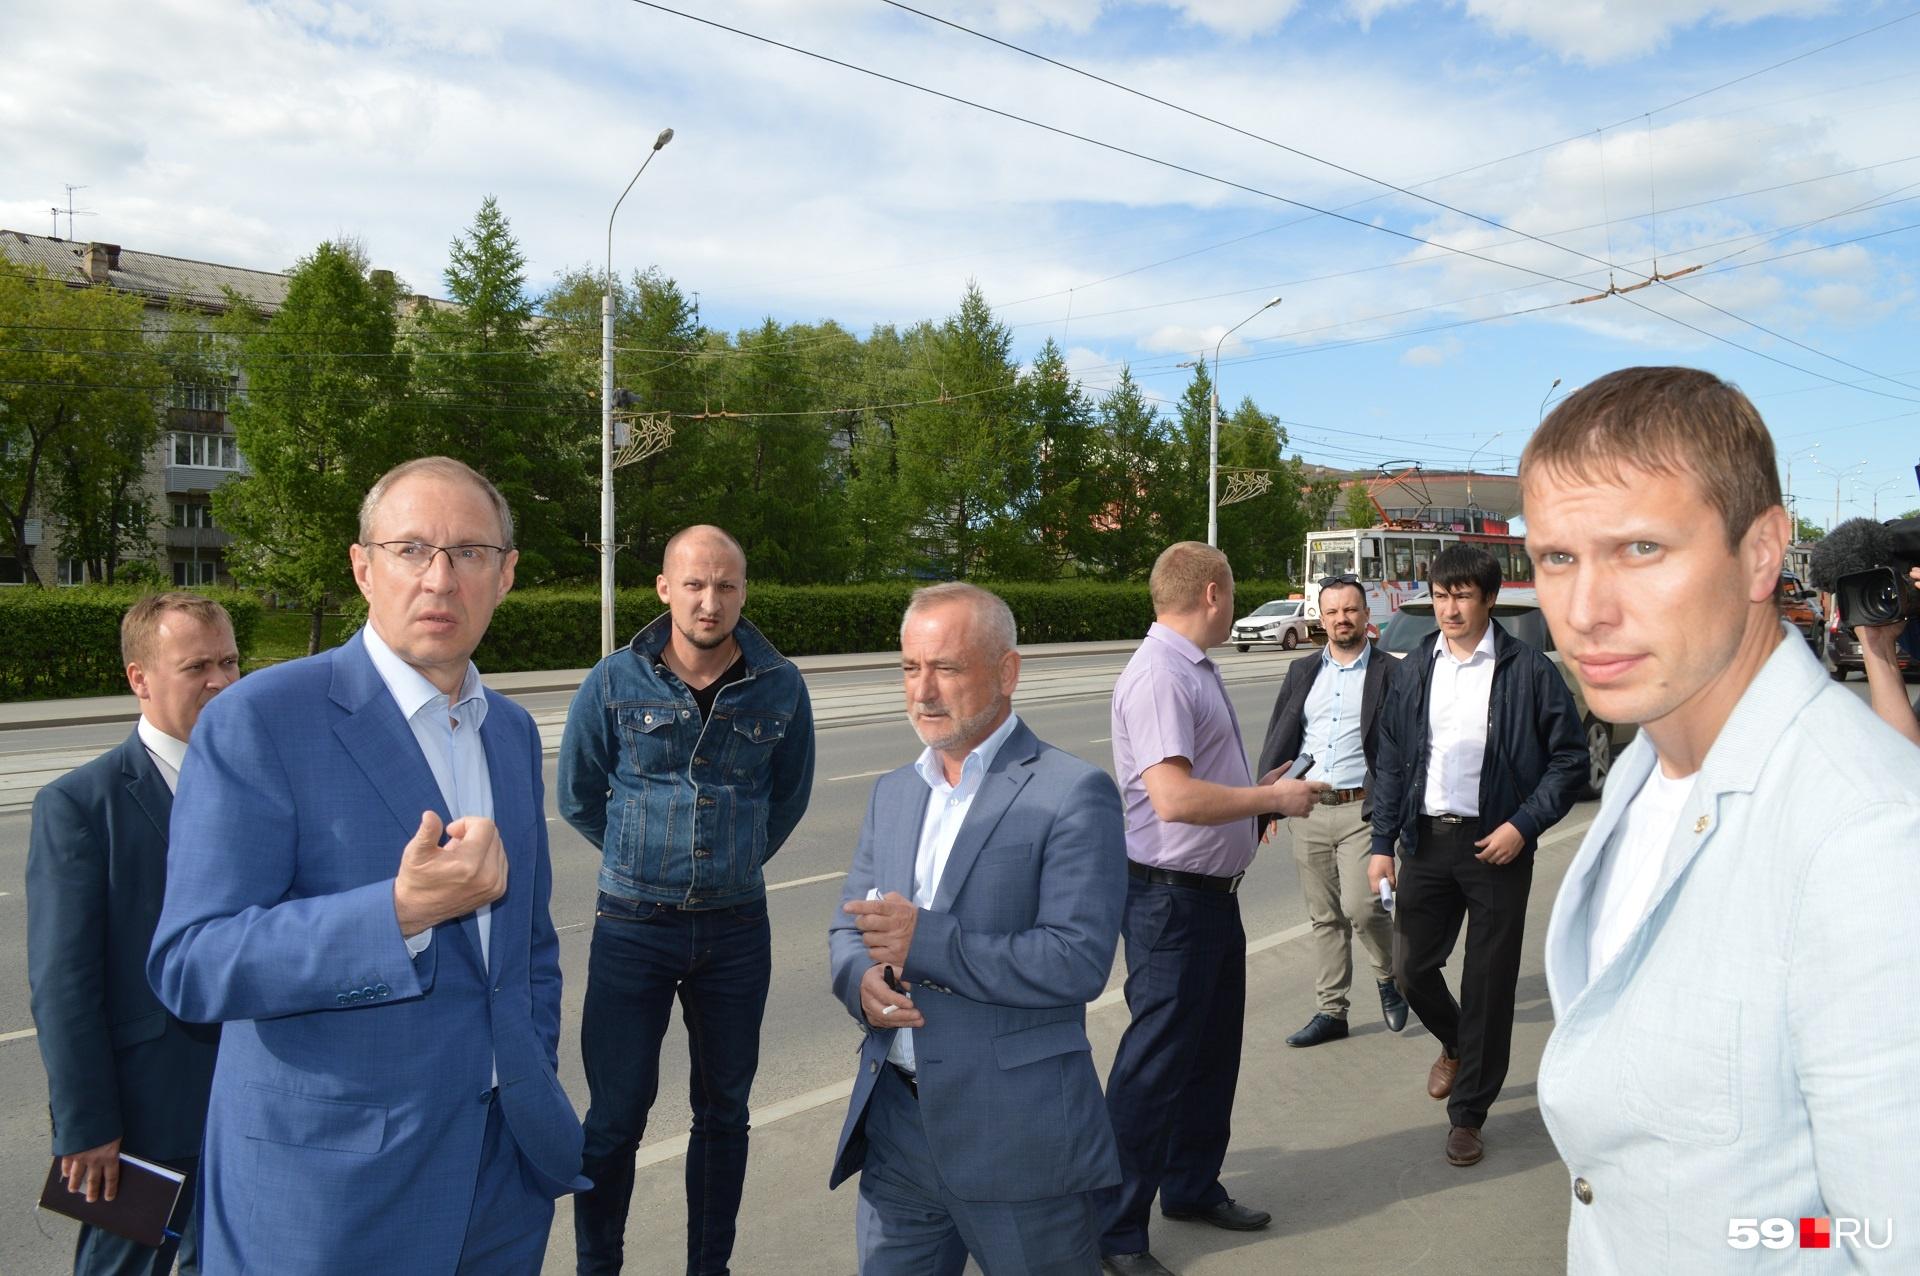 Дмитрий Самойлов удивлён, что третий год не могут решить вопрос с газоном на Северной дамбе